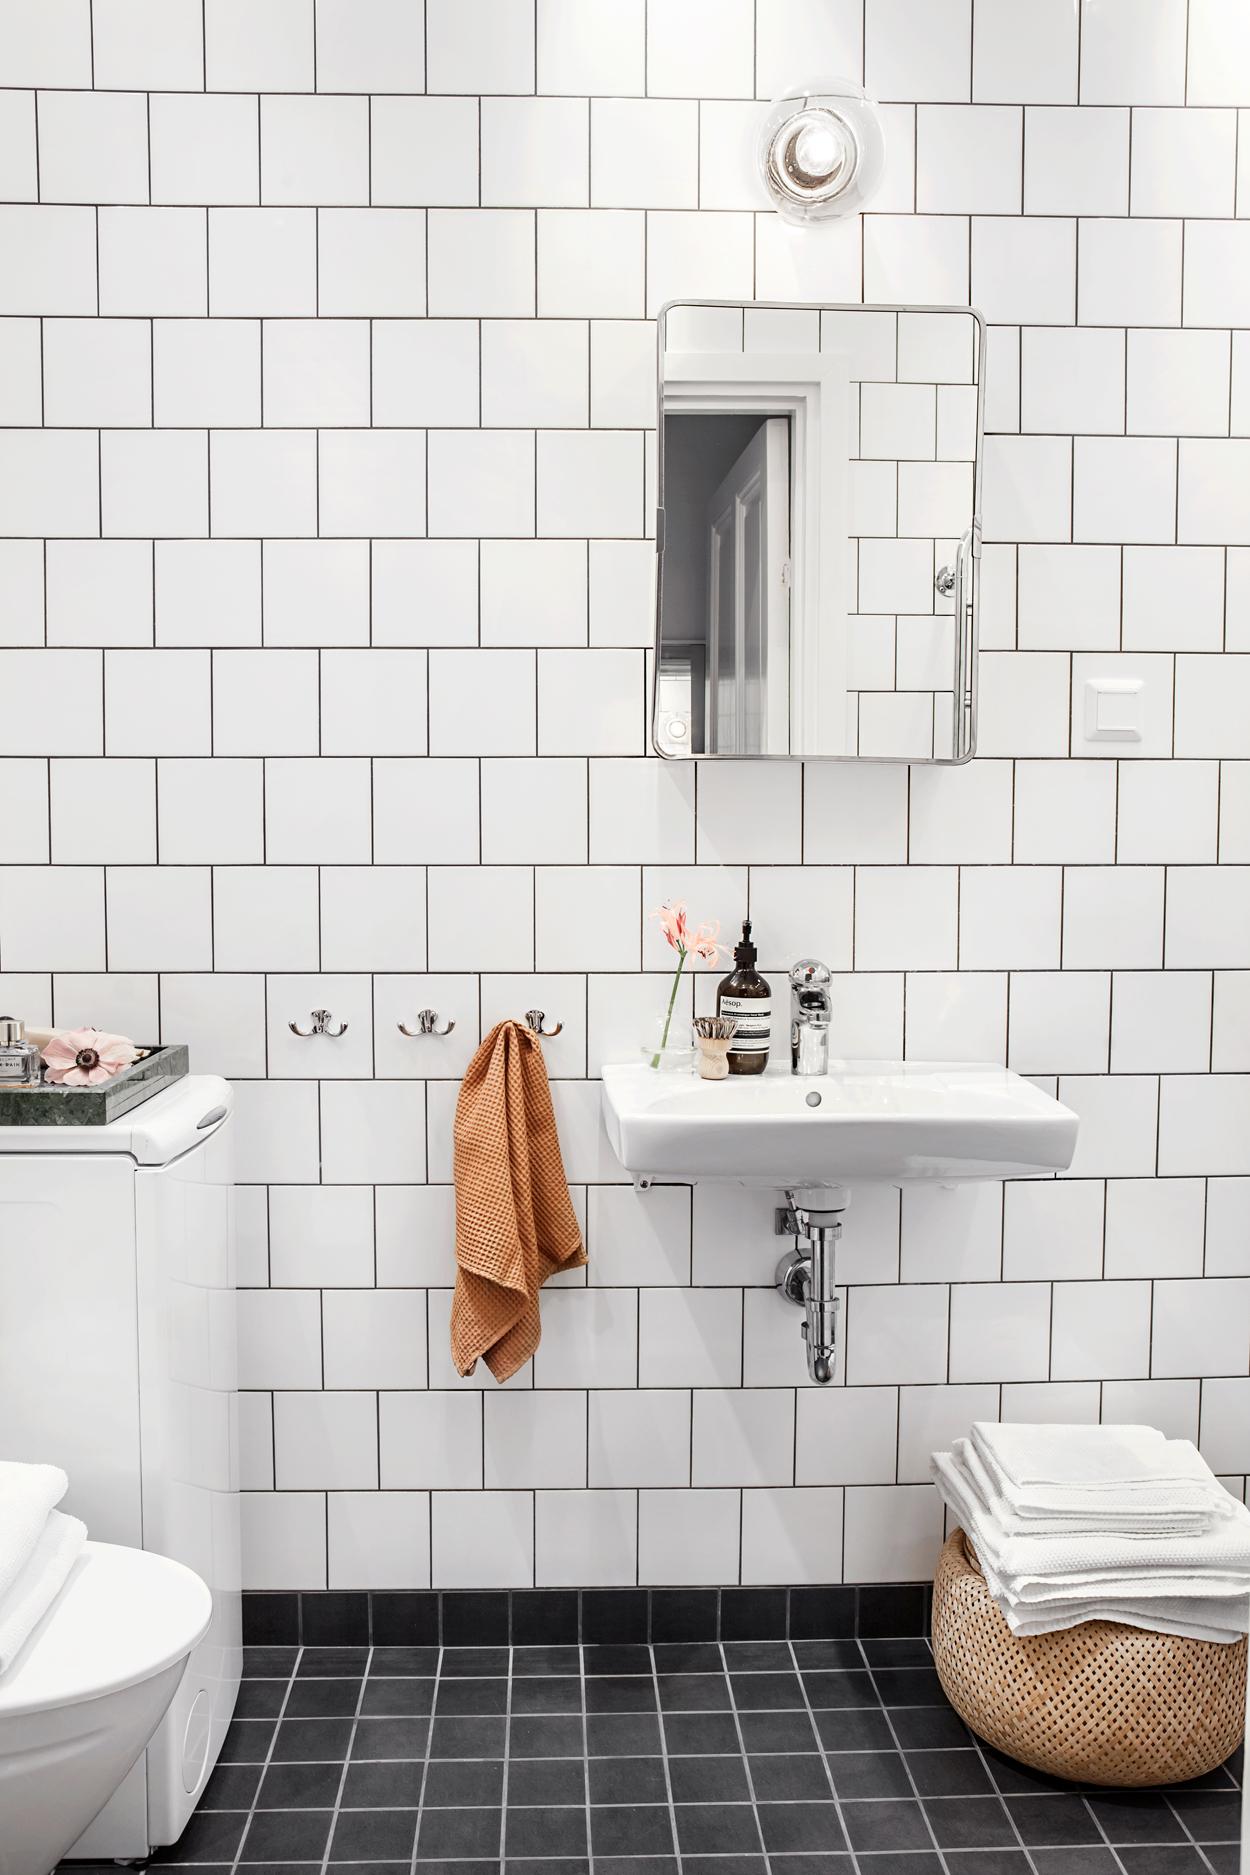 Appartement deco scandinave lili in wonderland 8 lili in for Appartement deco 2016